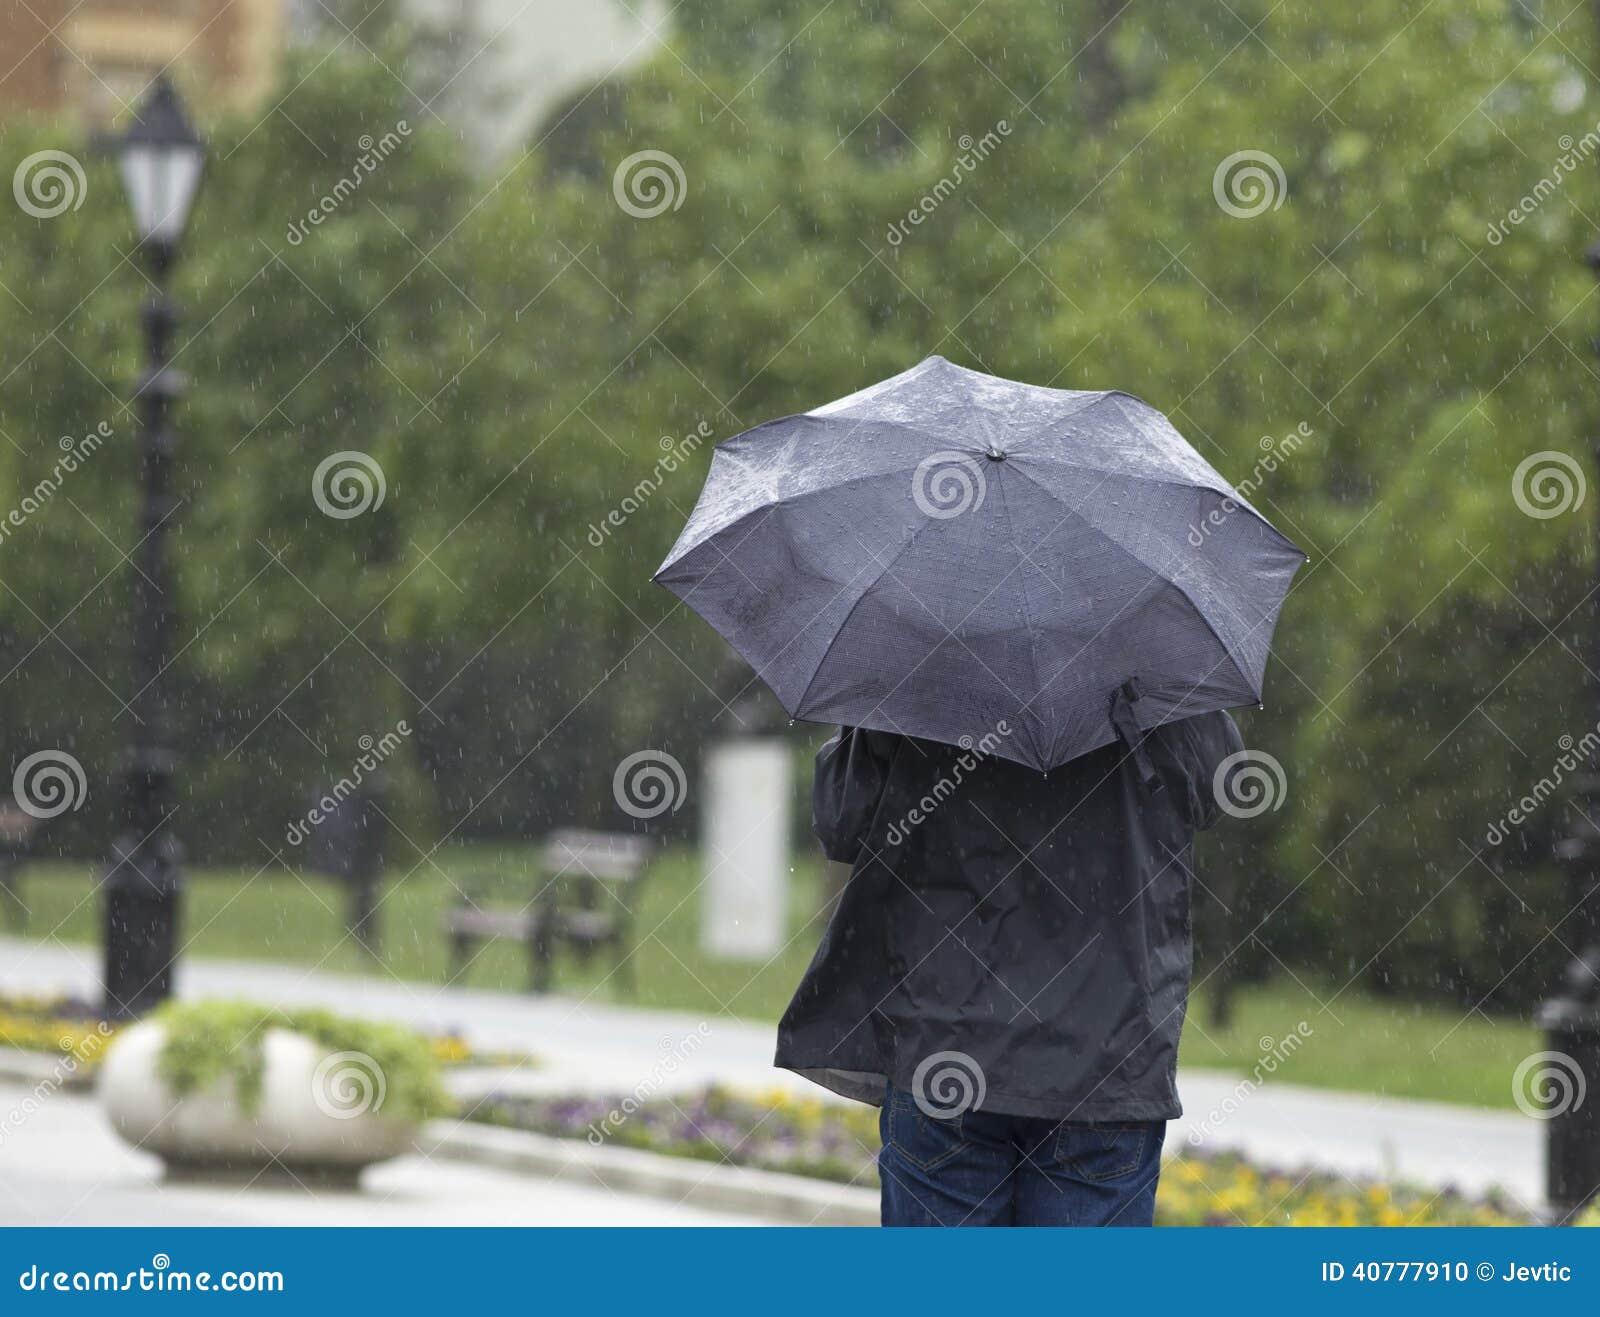 Regenachtige dag